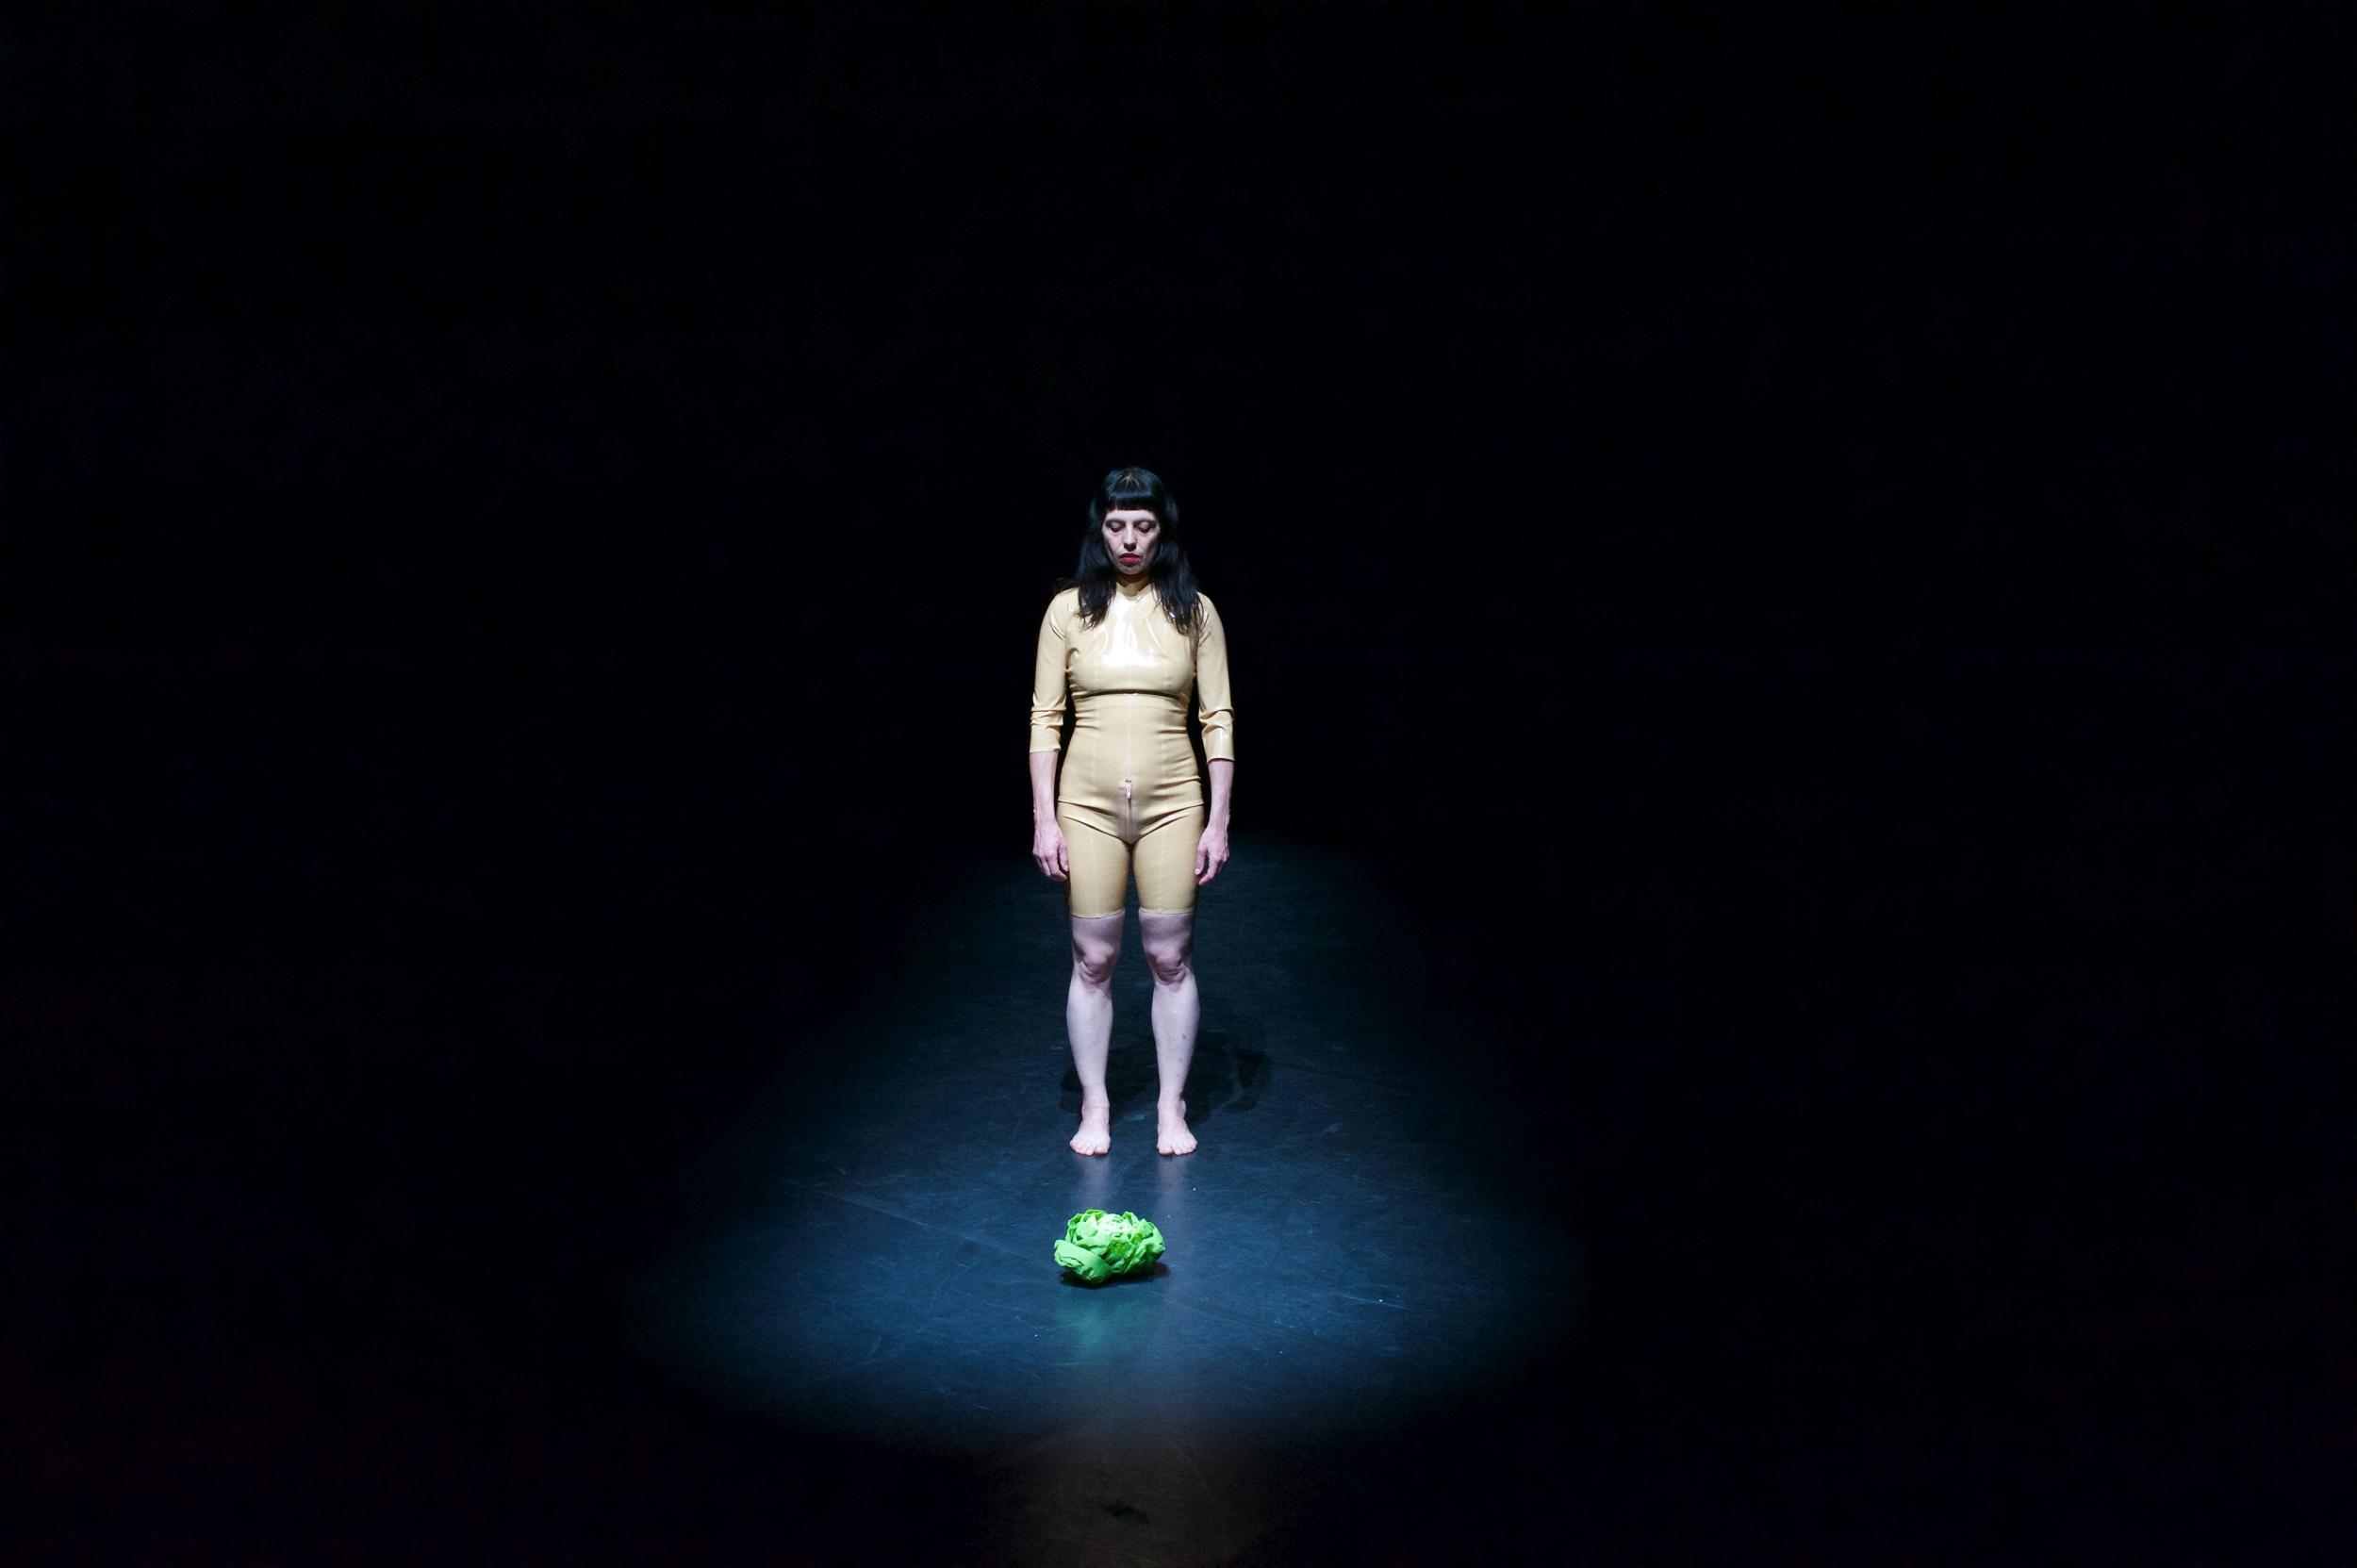 """Da haben wir den Salat: die vom Märchen """"Rapunzel"""" inspirierte Performance """"Dame Gothel ... it hurts to be beautiful"""" von Anna Natt – Foto: Piotr Rybkowski"""